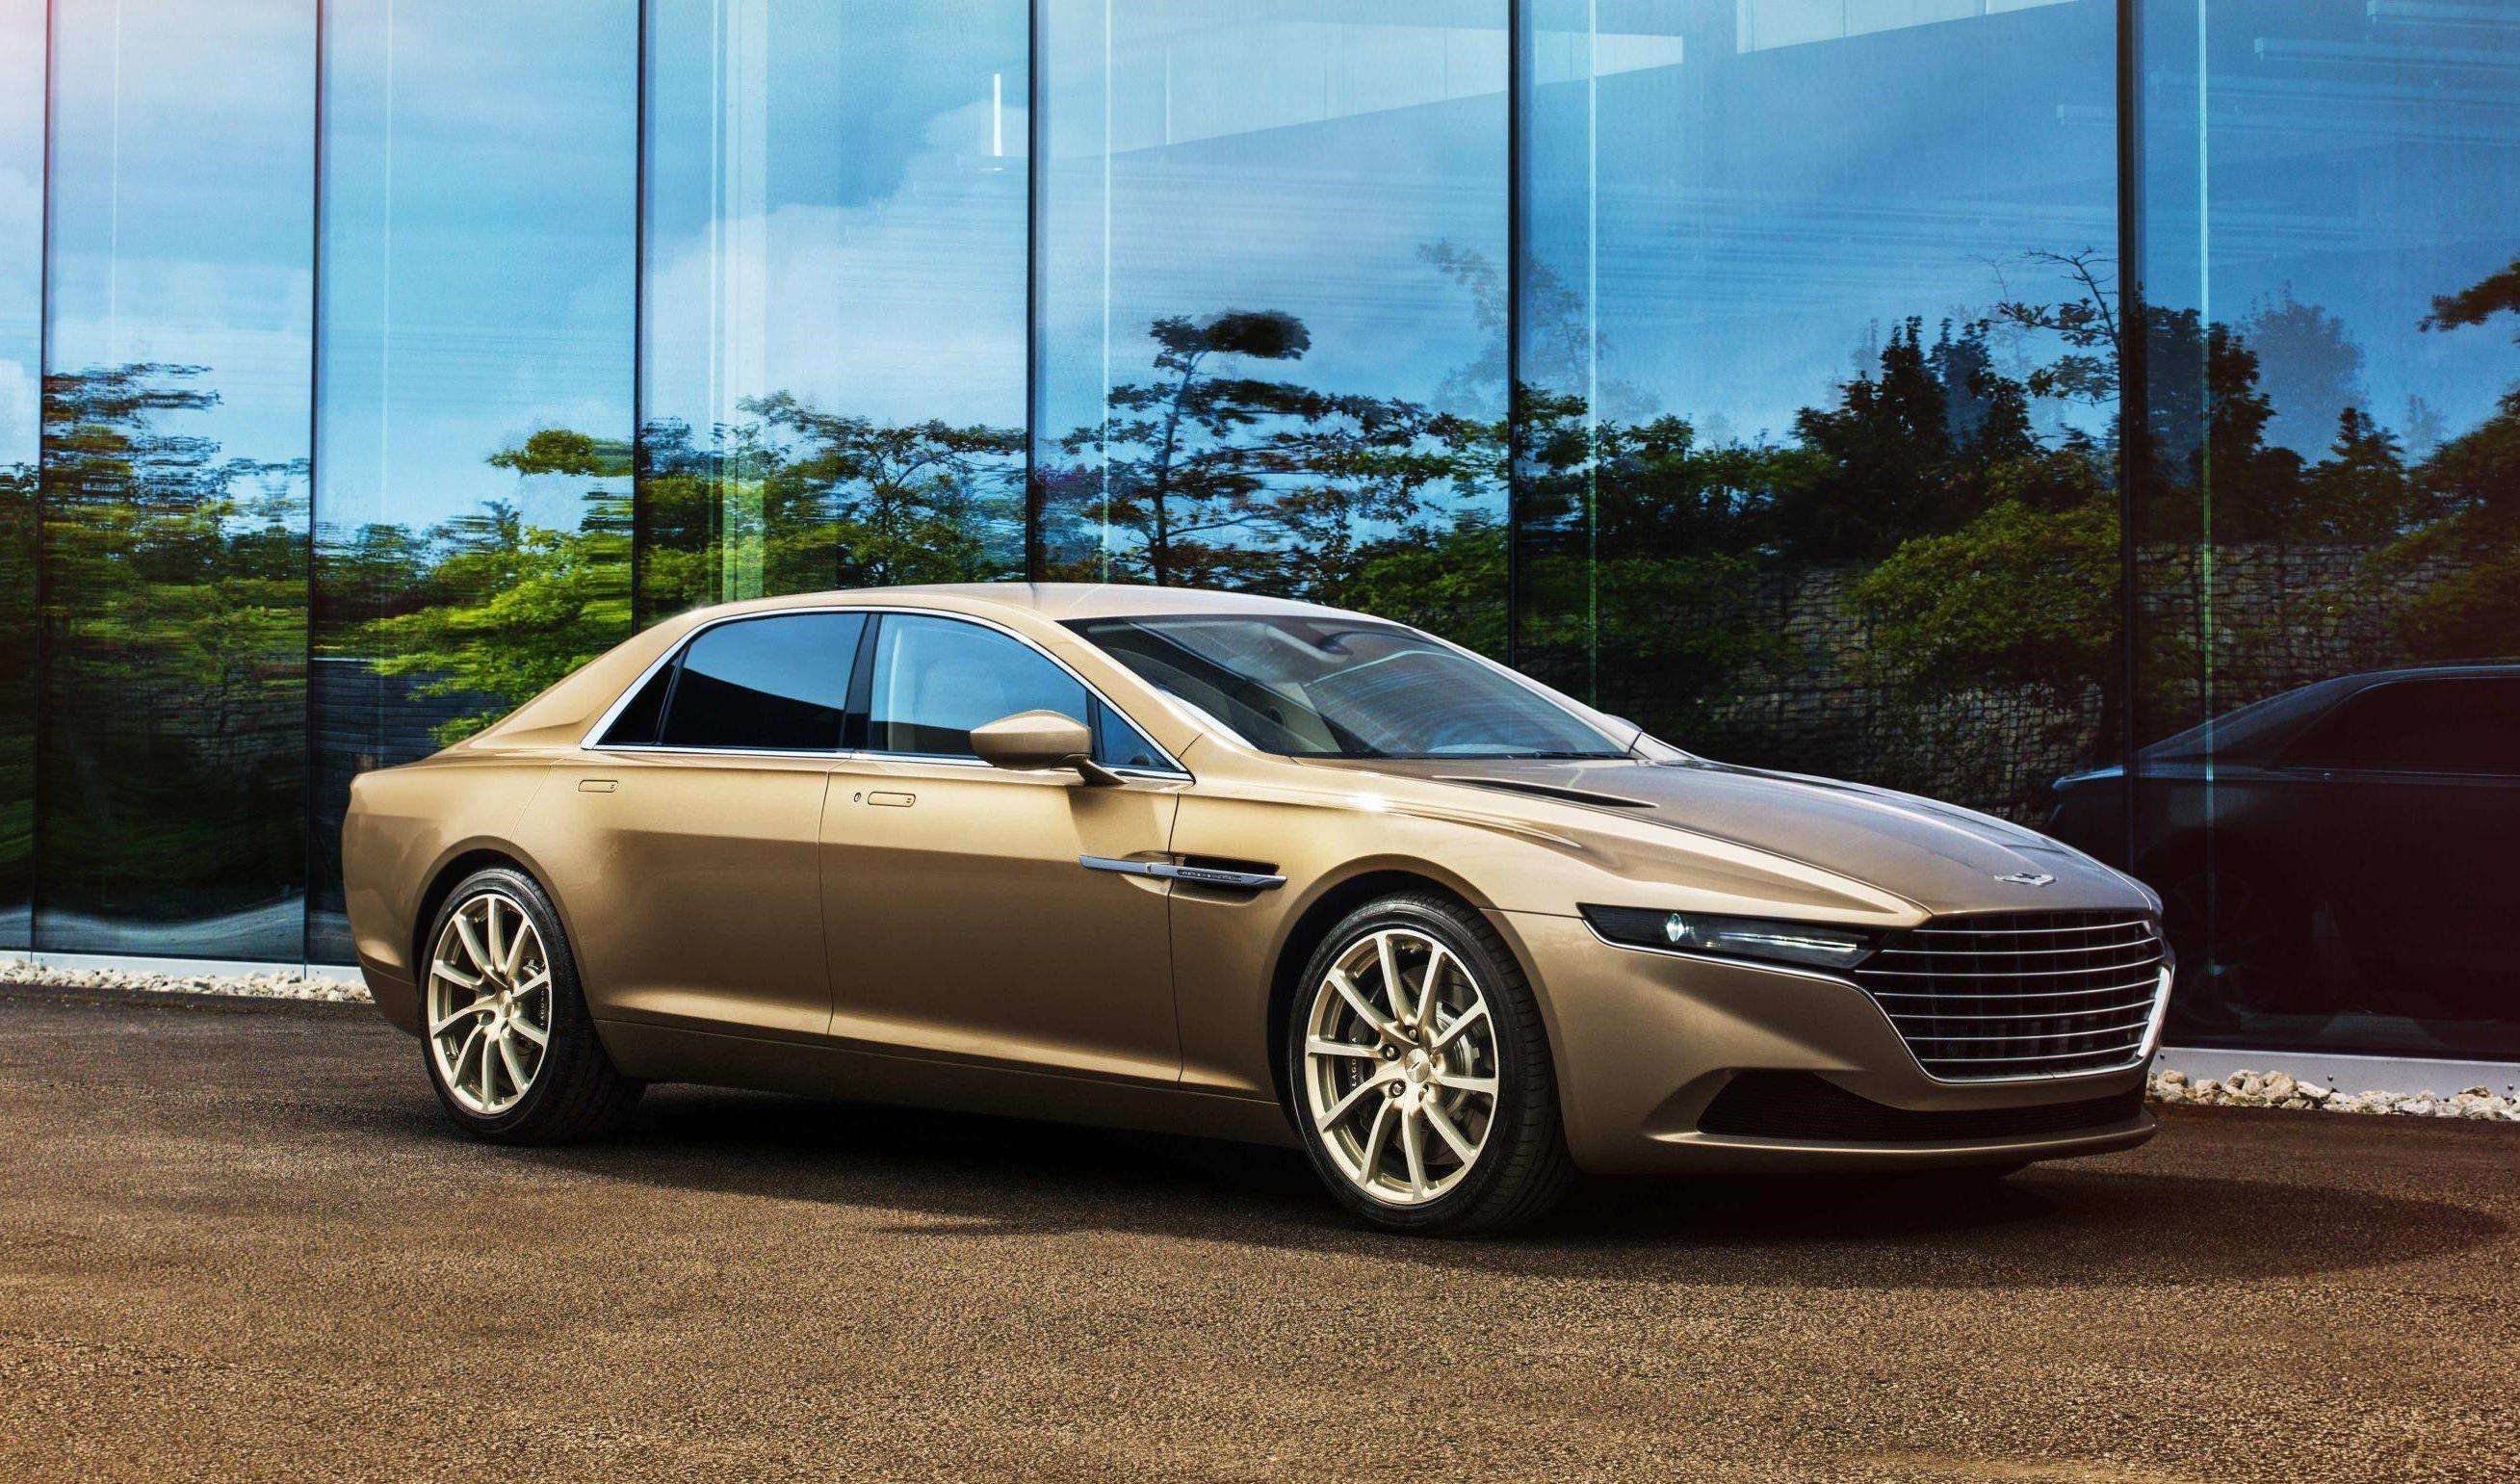 image of a concept aston martin lagonda car exterior